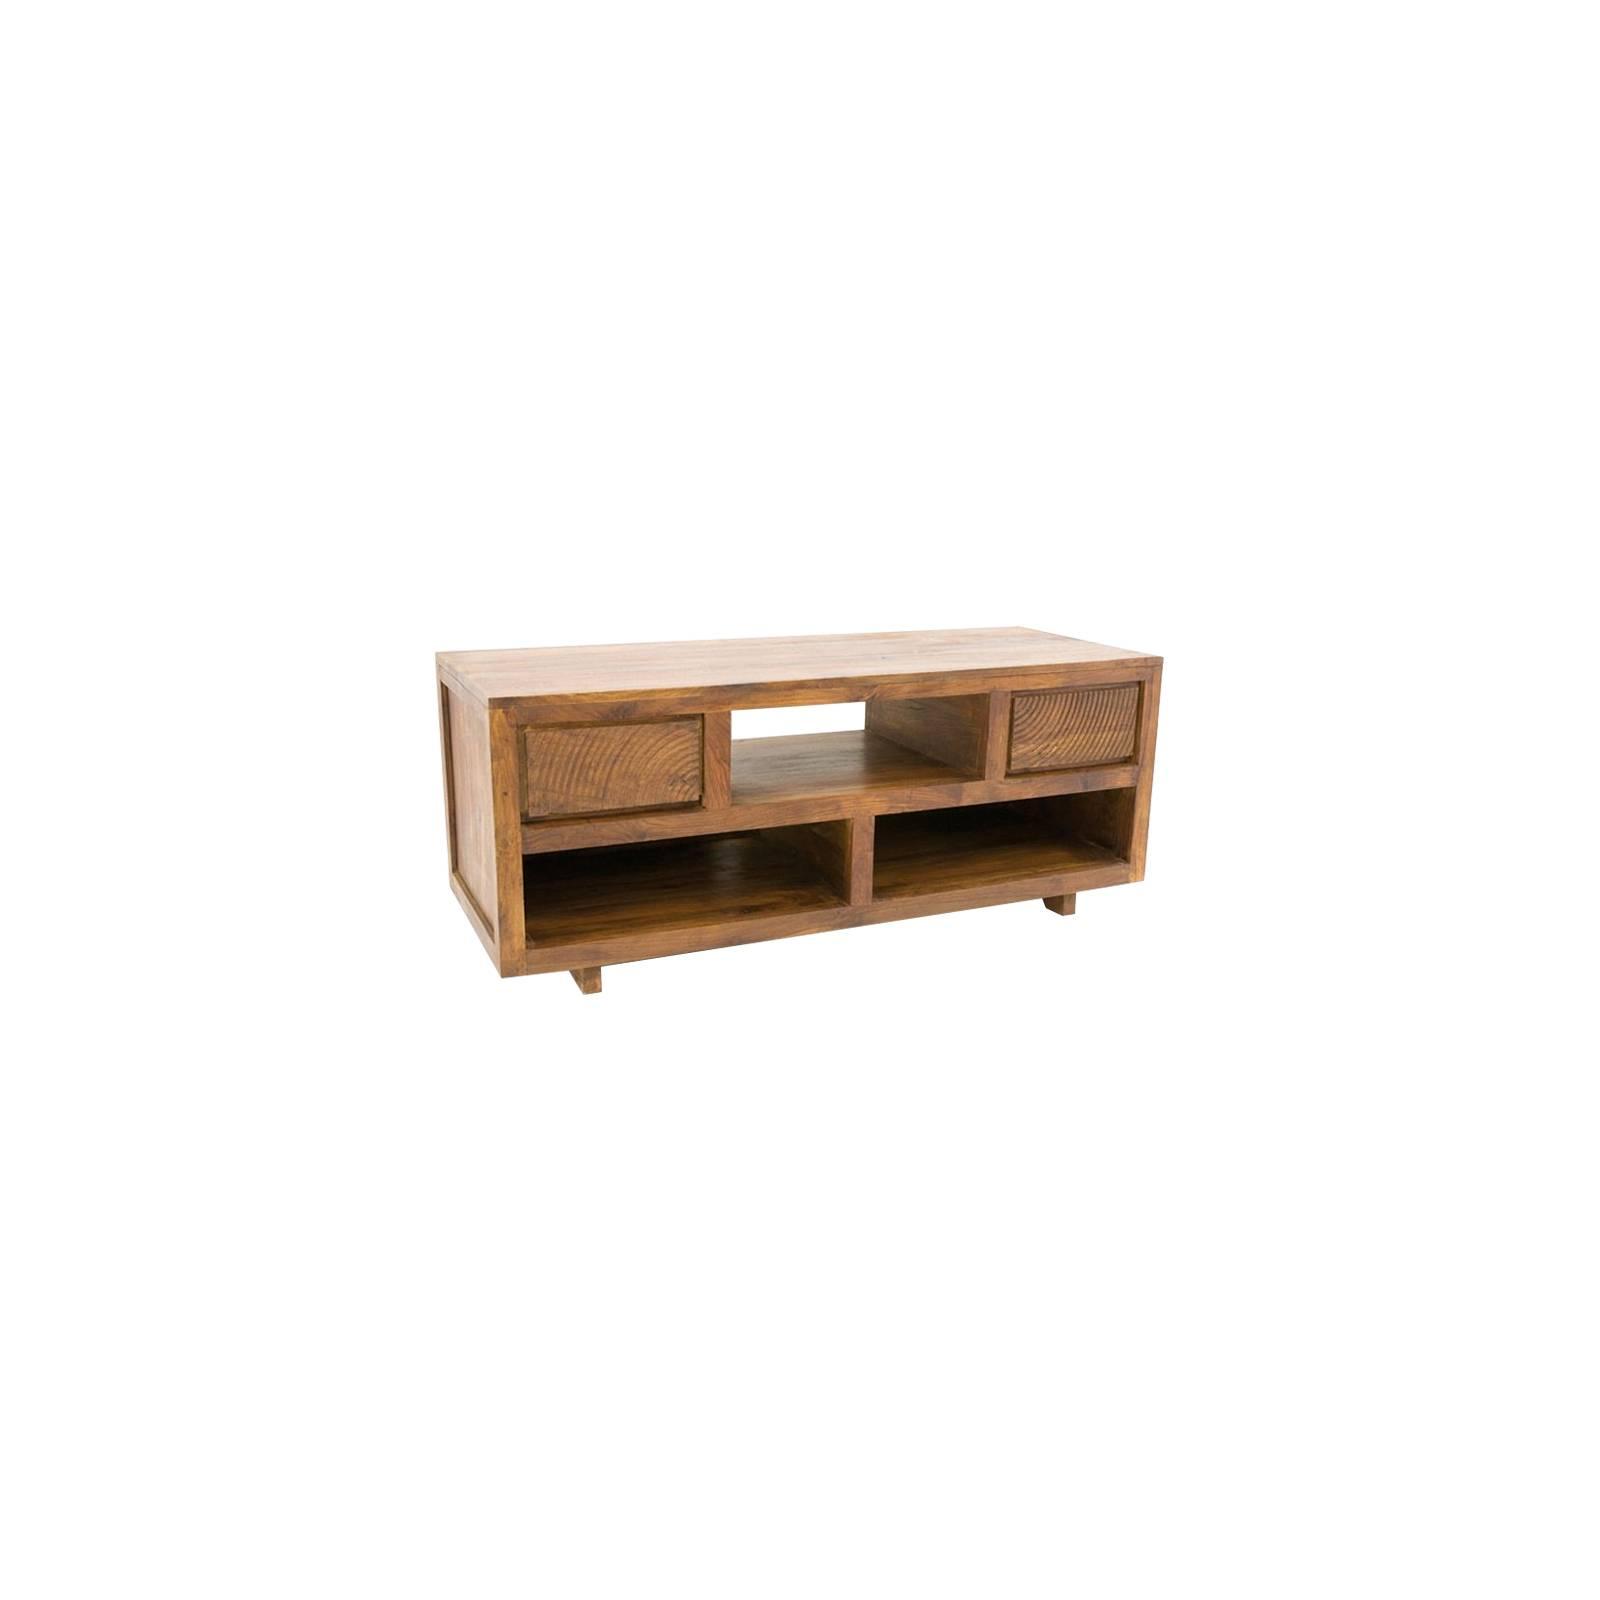 Meuble Tv Sikasso Palissandre - meubles de salon style ethnique